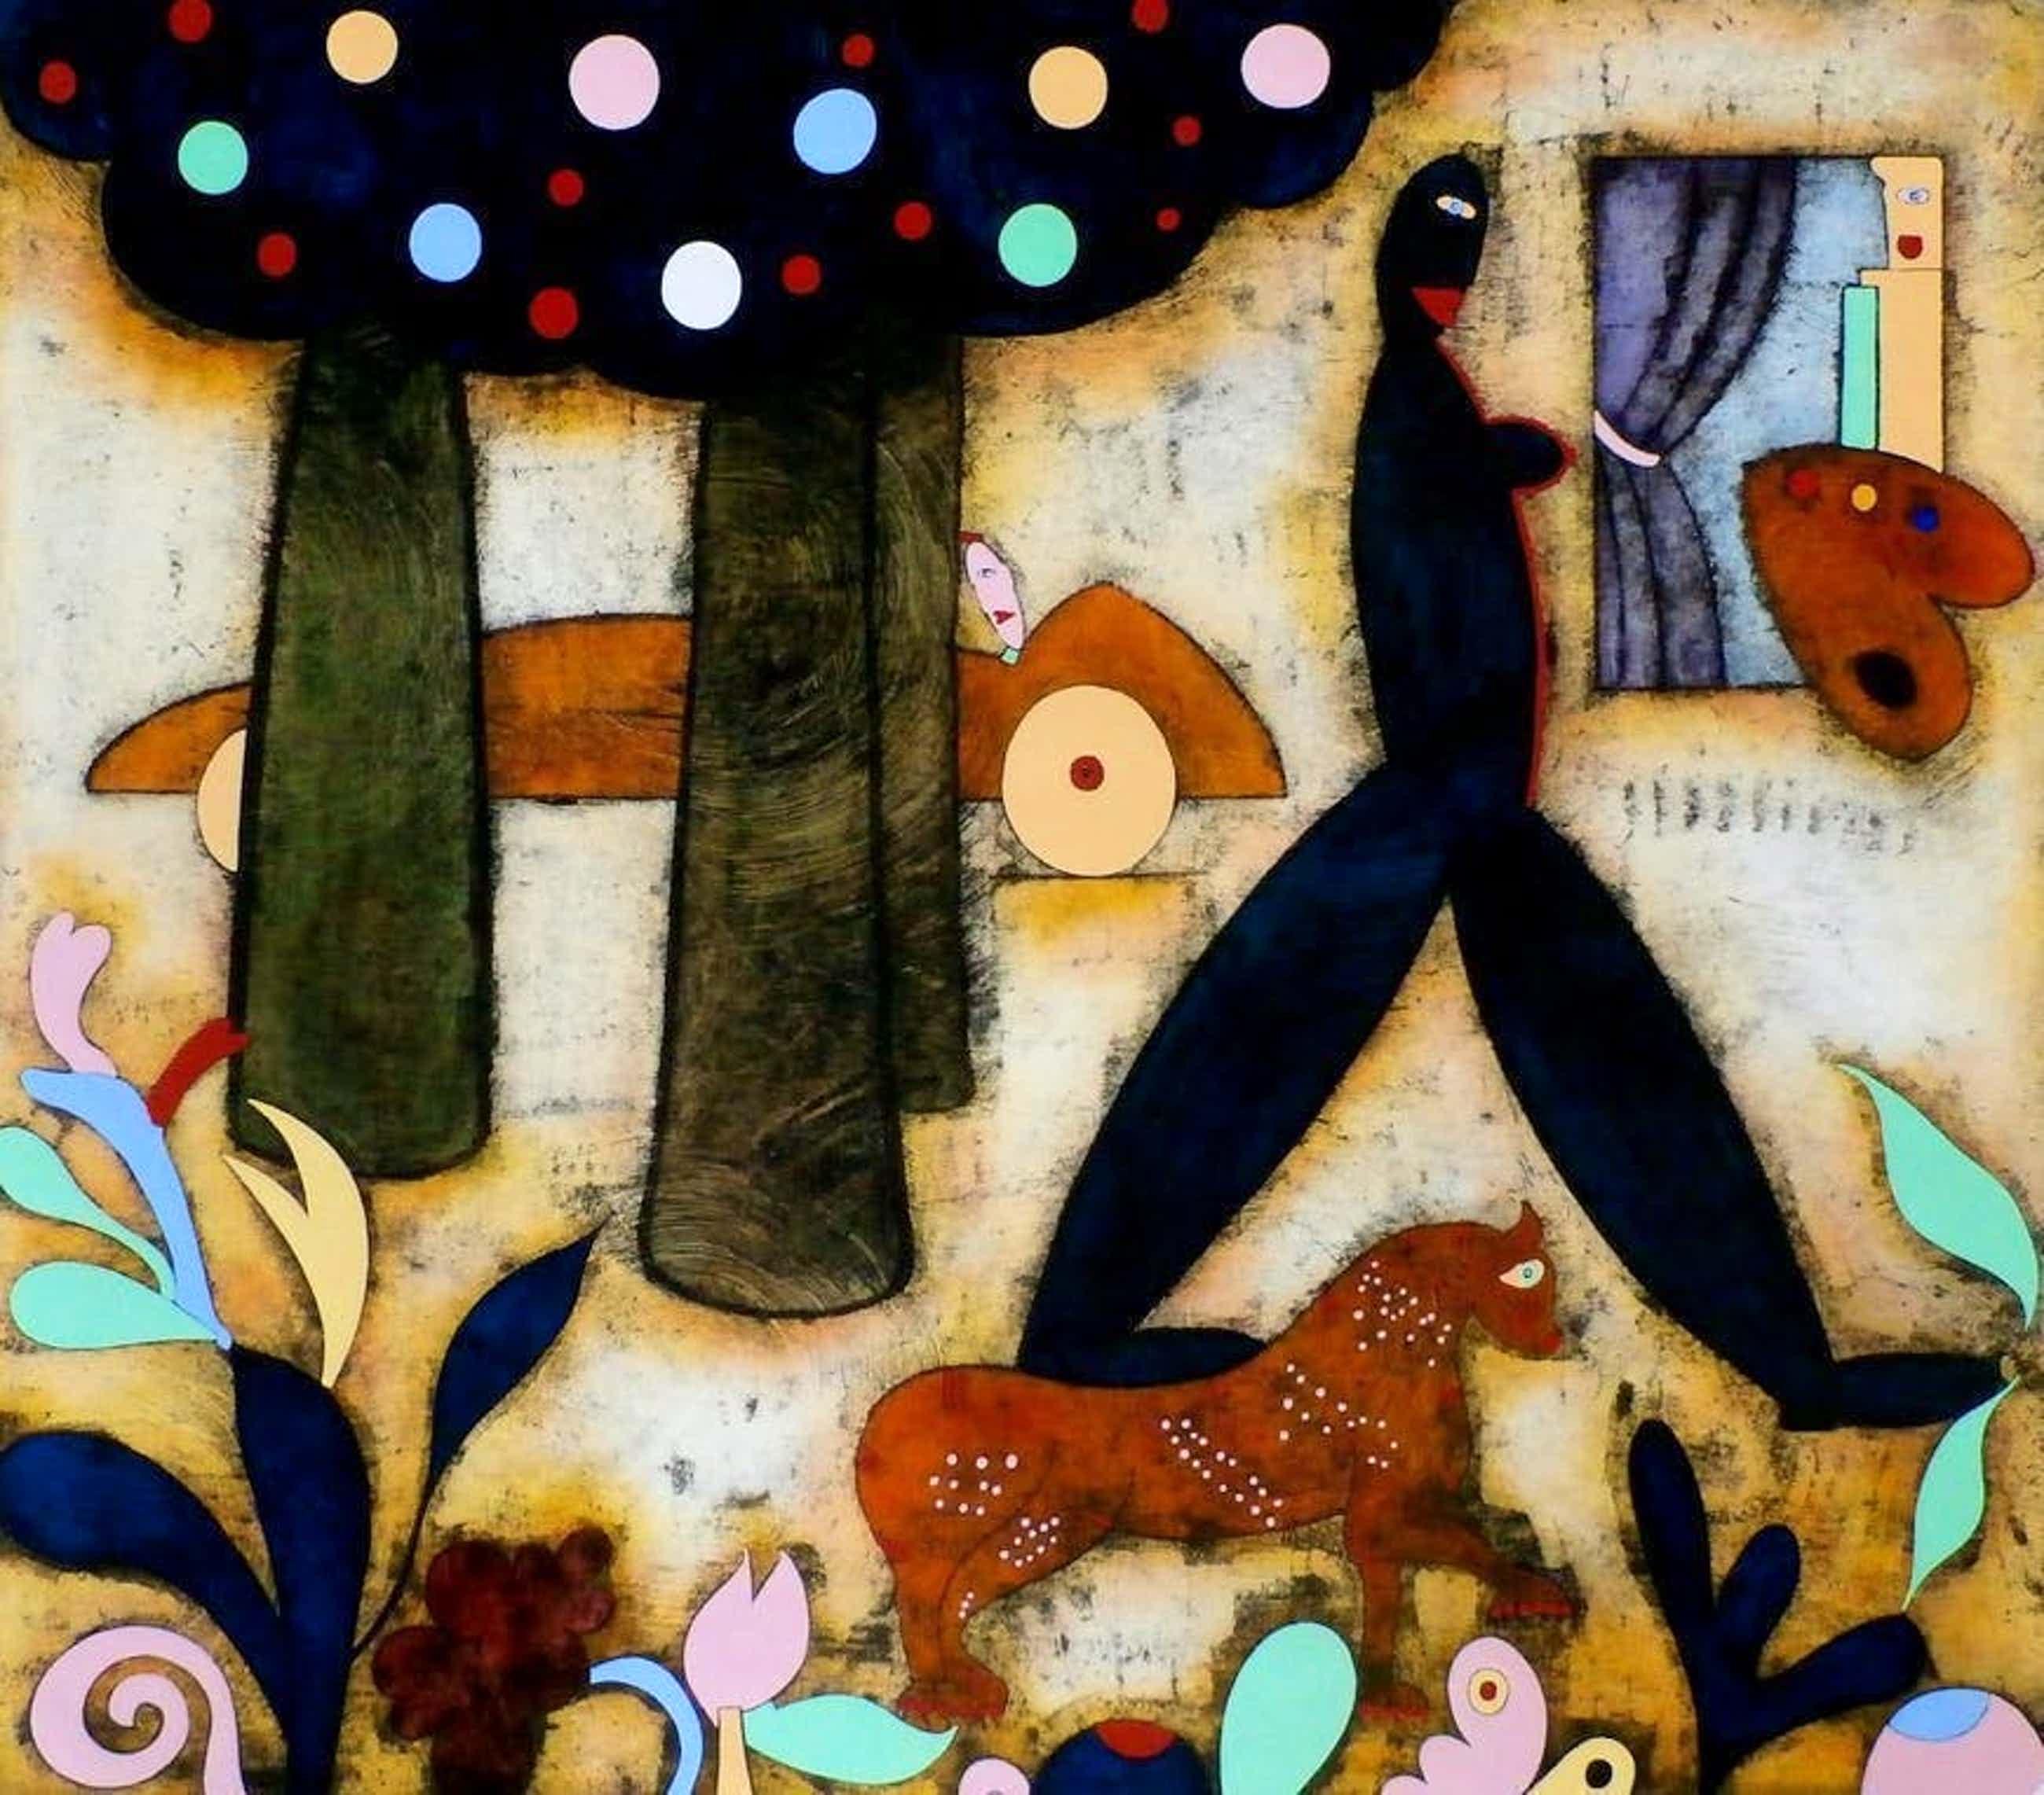 Hollie Witteveen - Schildersvruchten schilders vluchten, handbewerkte ets - ingelijst kopen? Bied vanaf 40!